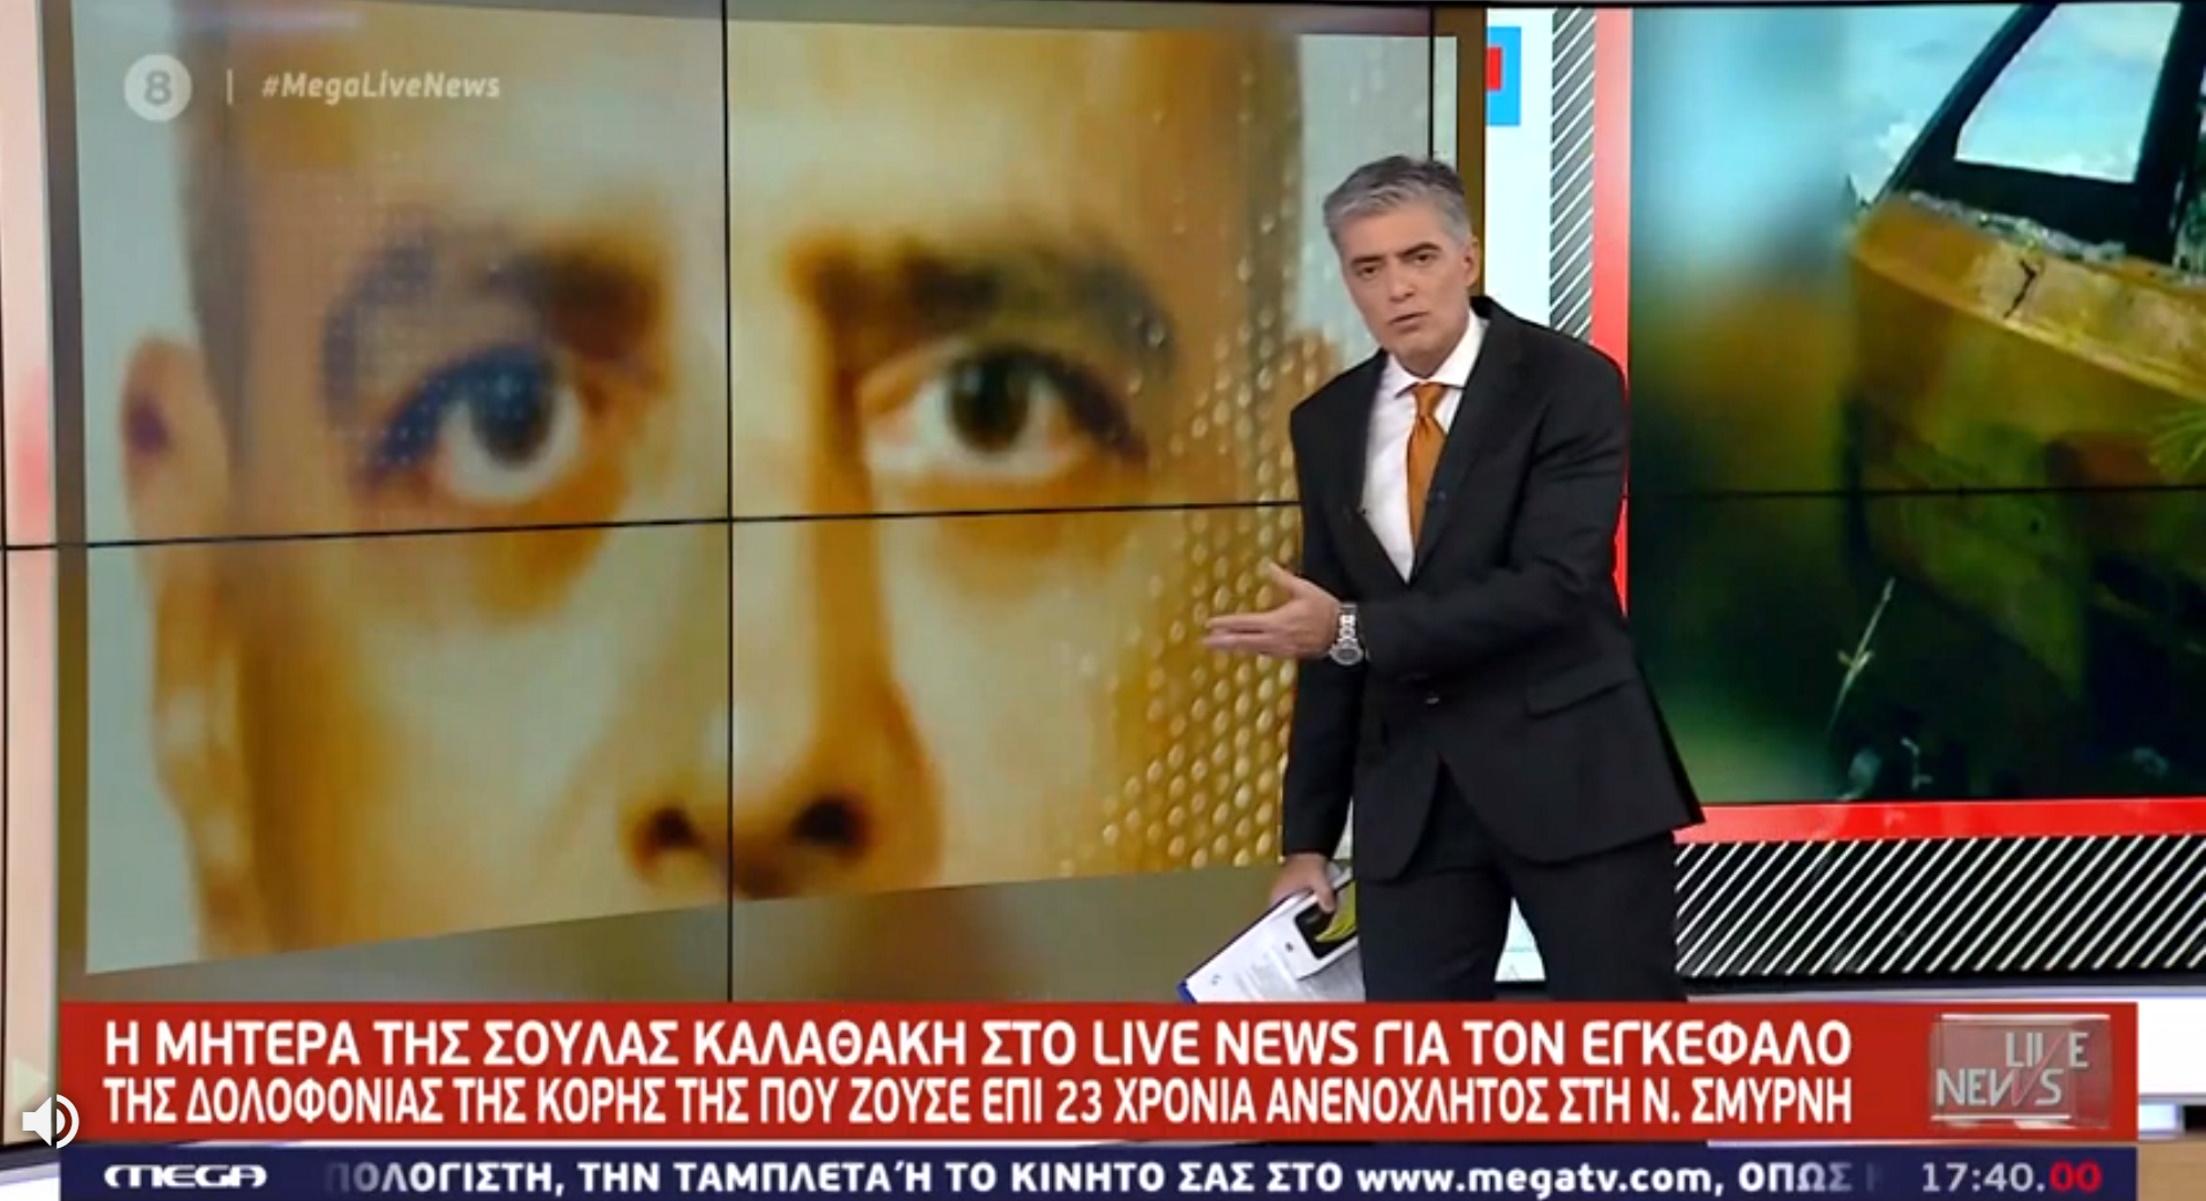 Συγκλονίζει η μητέρα της Σούλας Καλαθάκη στο Live News: «Θεία δίκη» ο θάνατος του δολοφόνου (video)